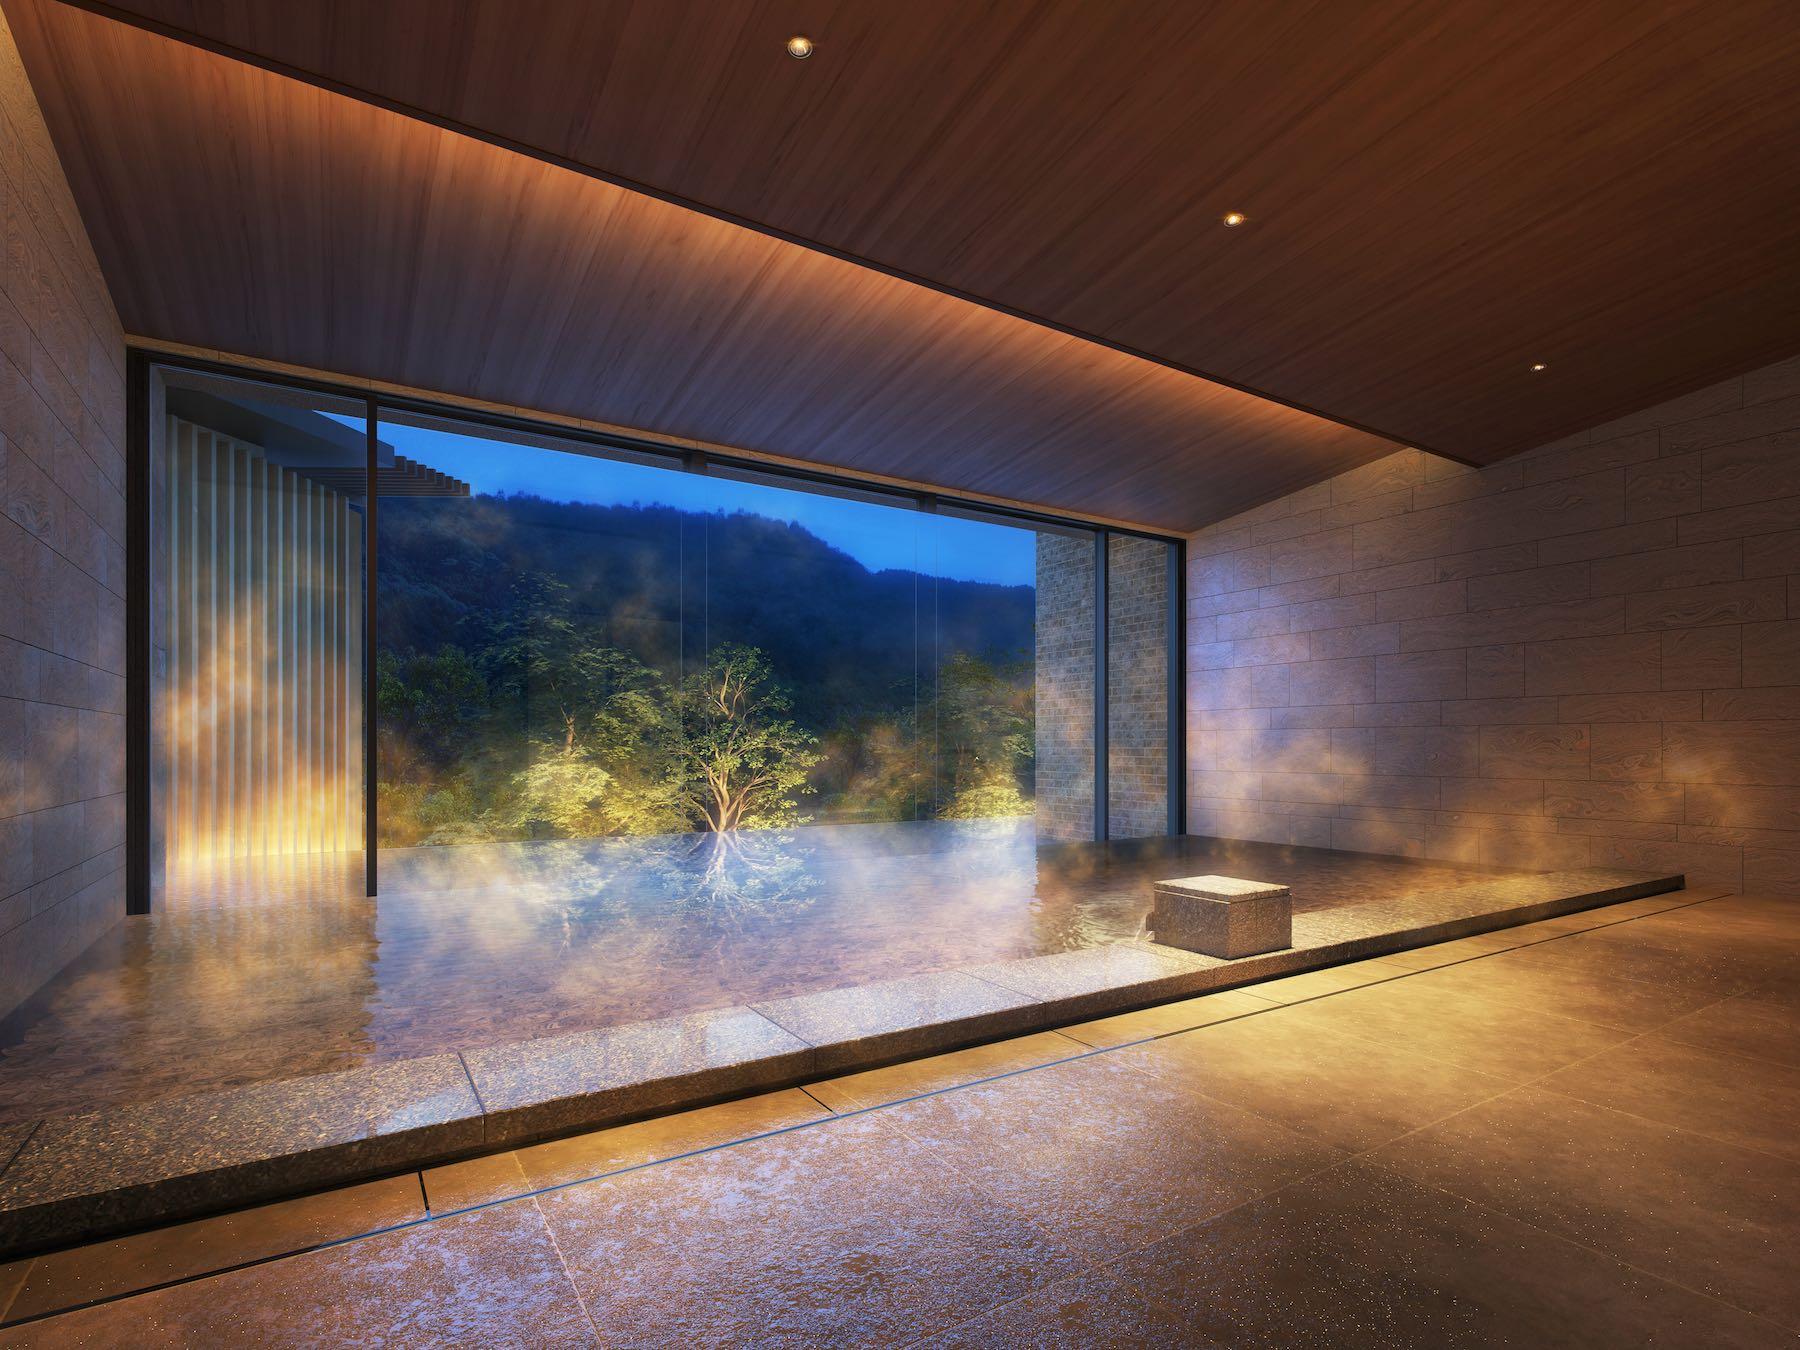 「東急ハーヴェストクラブVIALA鬼怒川渓翠の内風呂も窓の外には渓谷の緑が